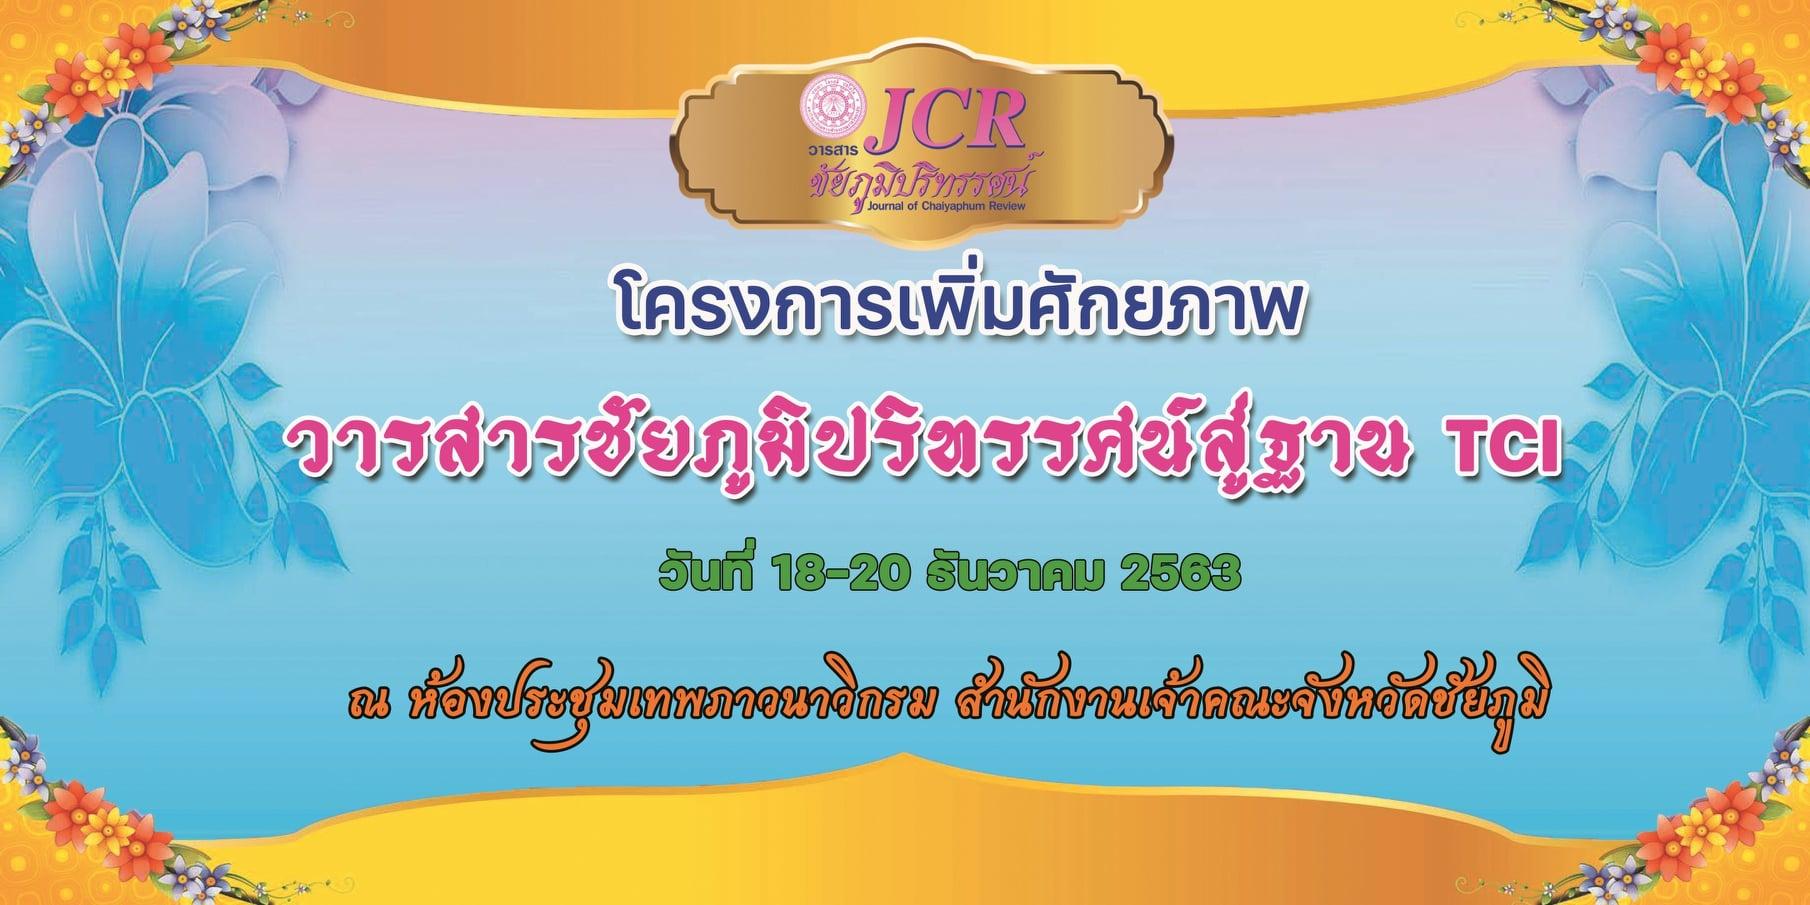 โครงการเพิ่มศักยภาพวารสารชัยภูมิปริทรรศน์เข้าสู่ฐาน TCI